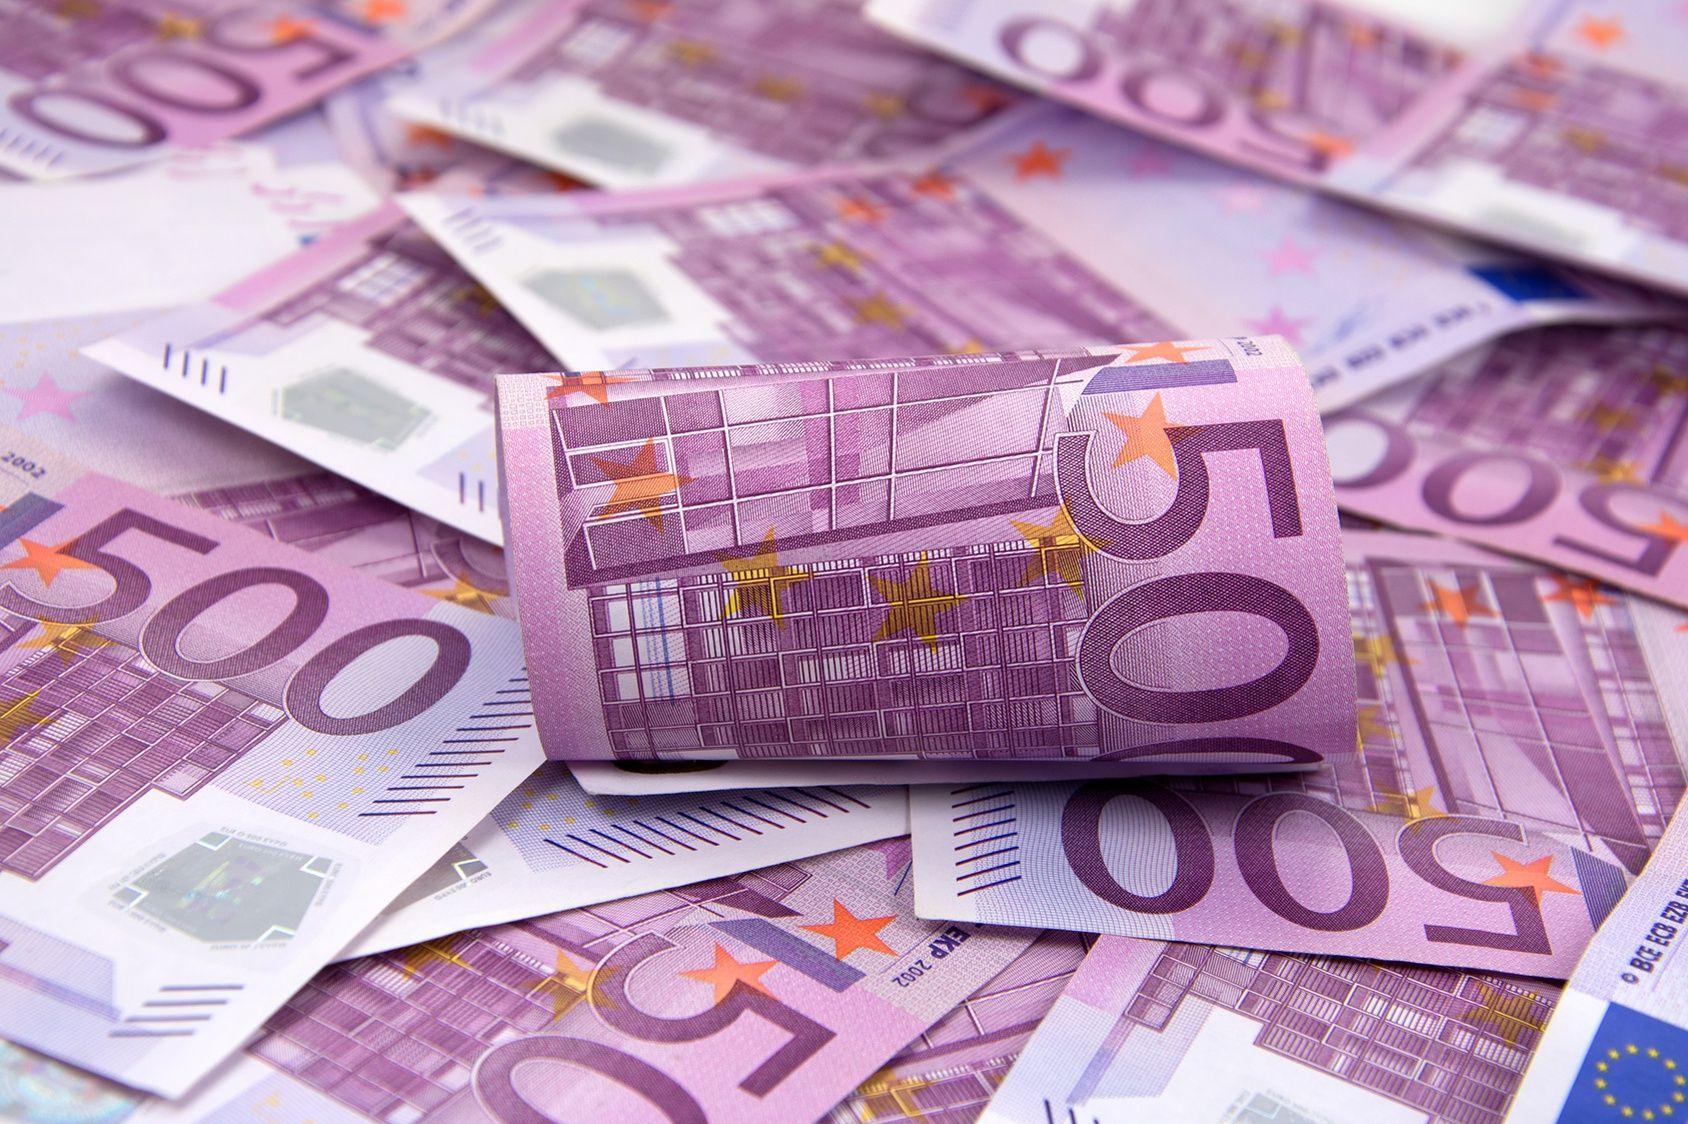 La Bce Va Cesser D'imprimer Les Billets De 500 Euros Fin 2018 à Billets Et Pièces En Euros À Imprimer